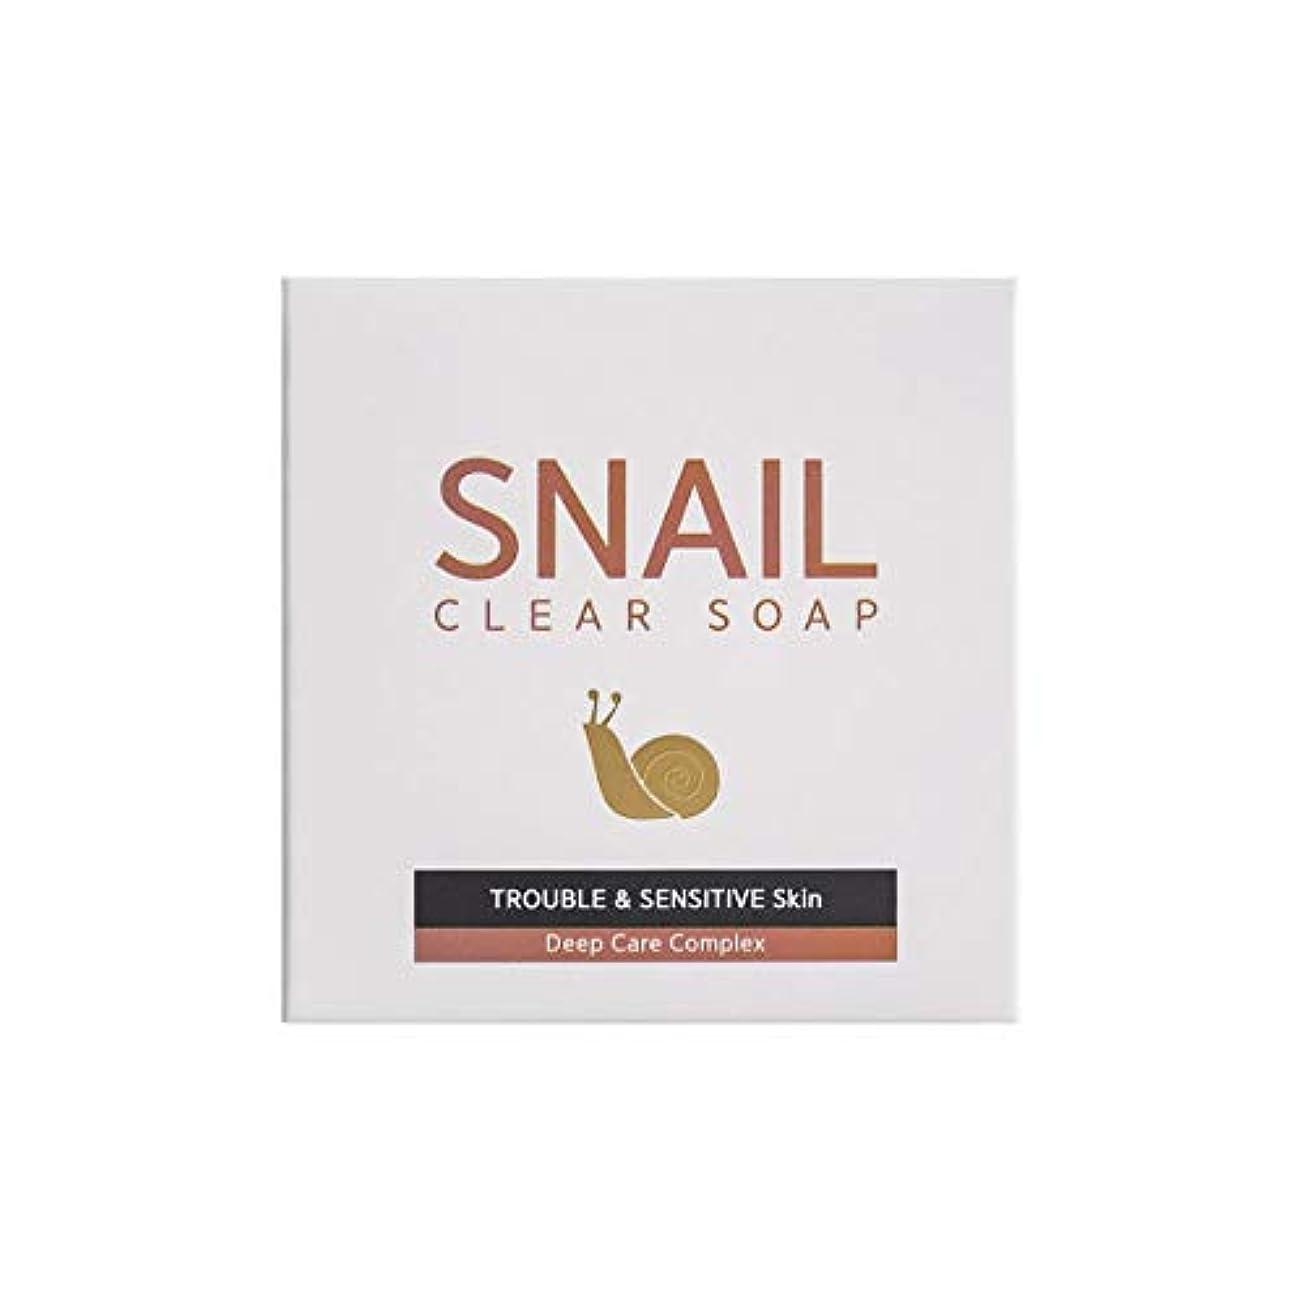 請求ストッキング切り離す[RNT International] YUNE25 Snail Clear Soap クリア ソープ 固形 せっけん [並行輸入品]